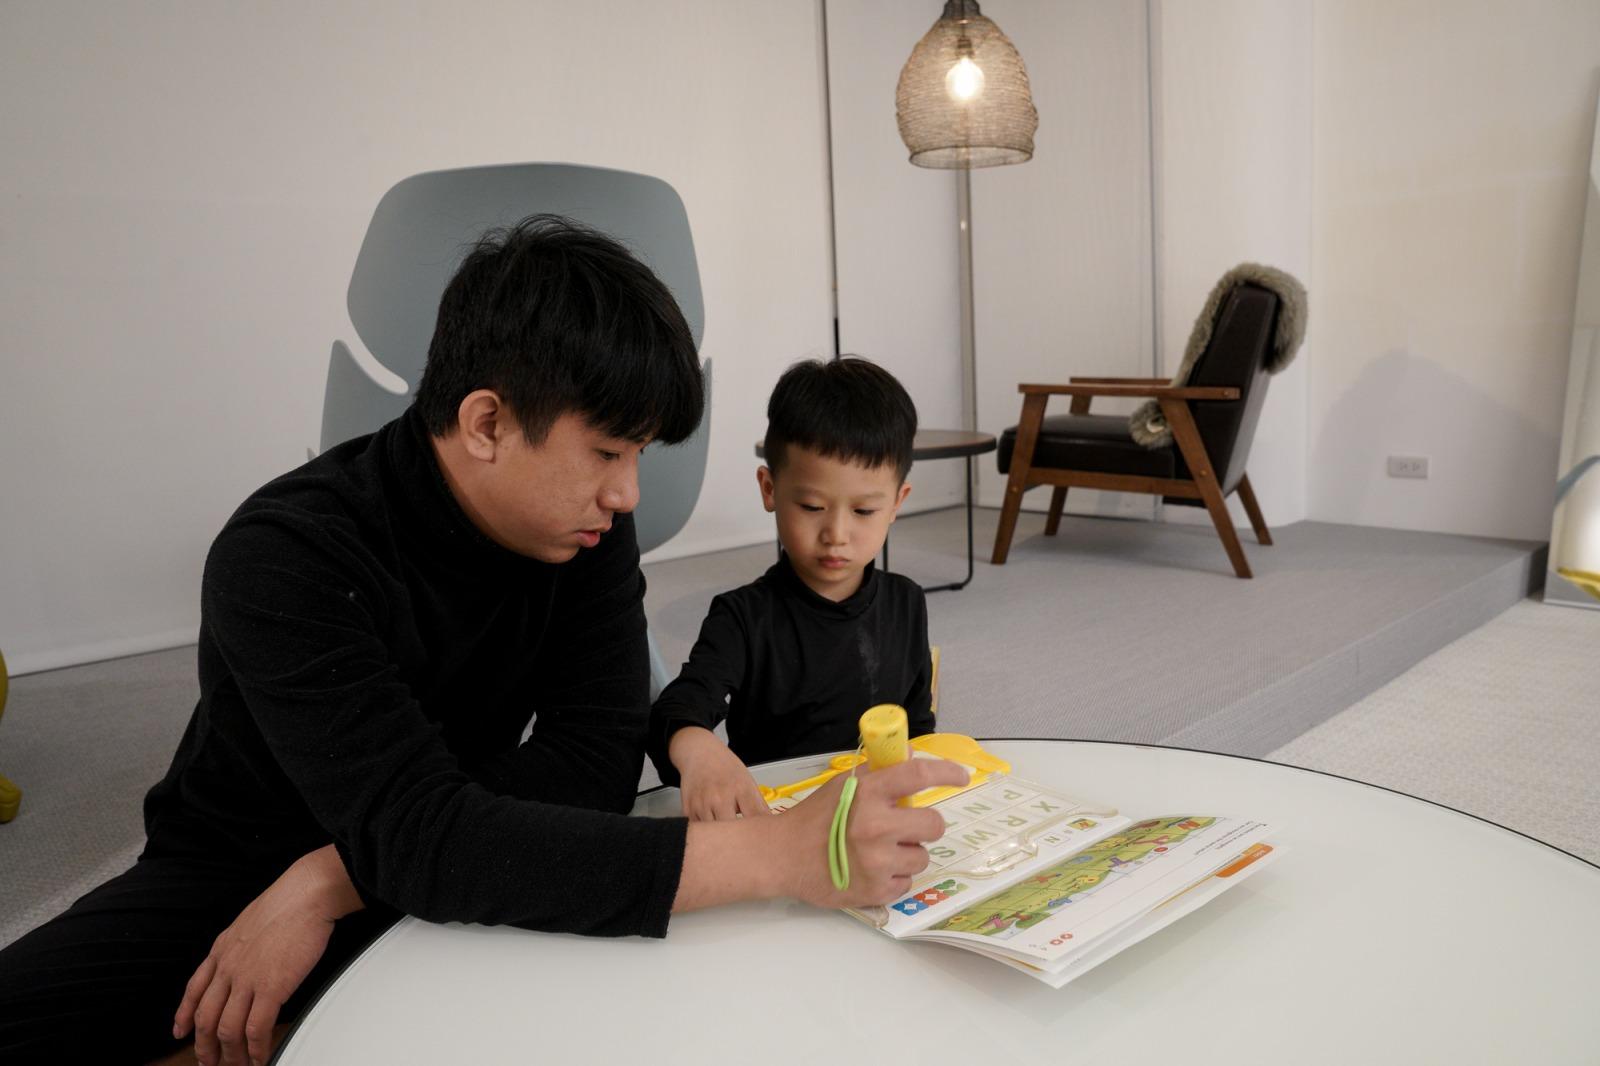 免費體驗》劍橋國際文化 AMIQ益智邏輯思考、Picodino繪本遊戲 用故事玩邏輯遊戲,動動小手刺激思考,大人陪同更加分